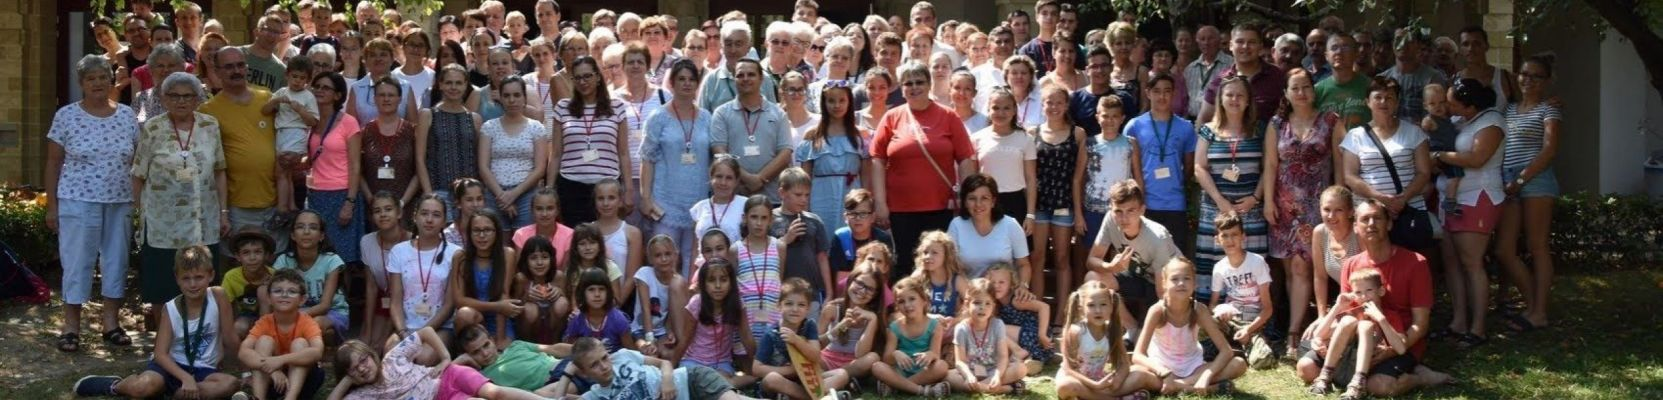 Bibliai Honfoglaló 2018 - Többnemzedékes tábor Berekfürdőn